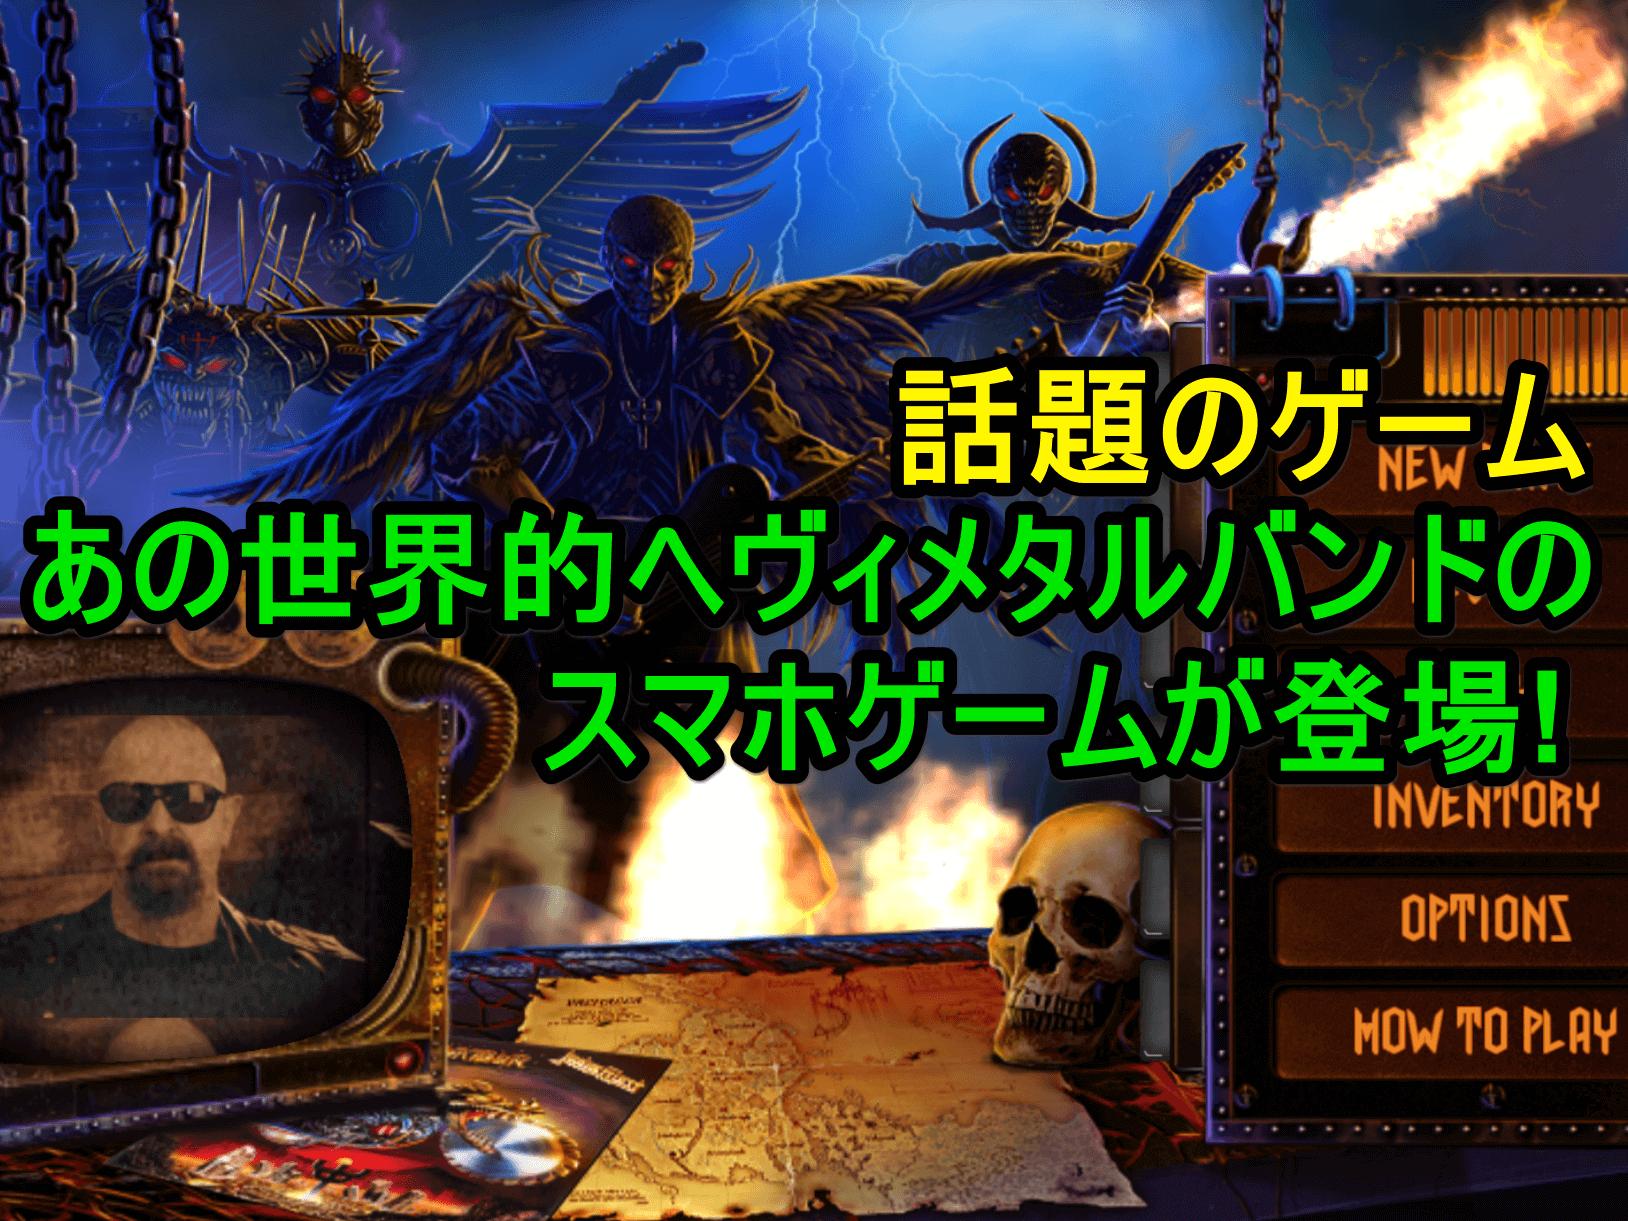 【話題のアプリ】ジューダス・プリーストのスマホゲーム「Road to Valhalla」が登場